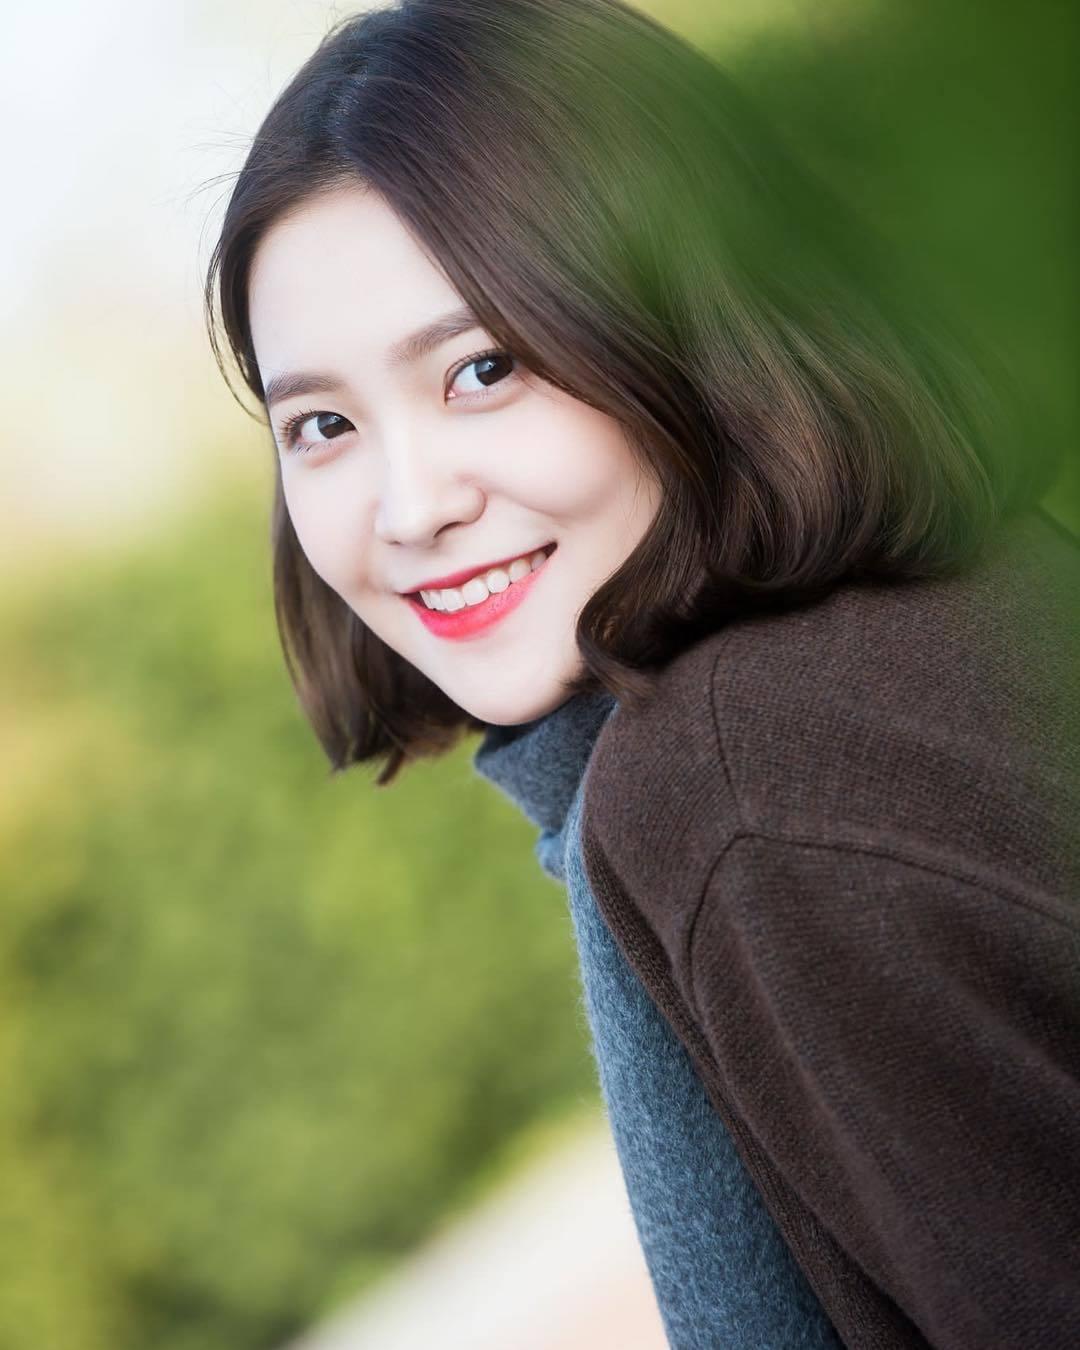 20-ngam-sao-han-doan-ten-xu-huong-copy-4